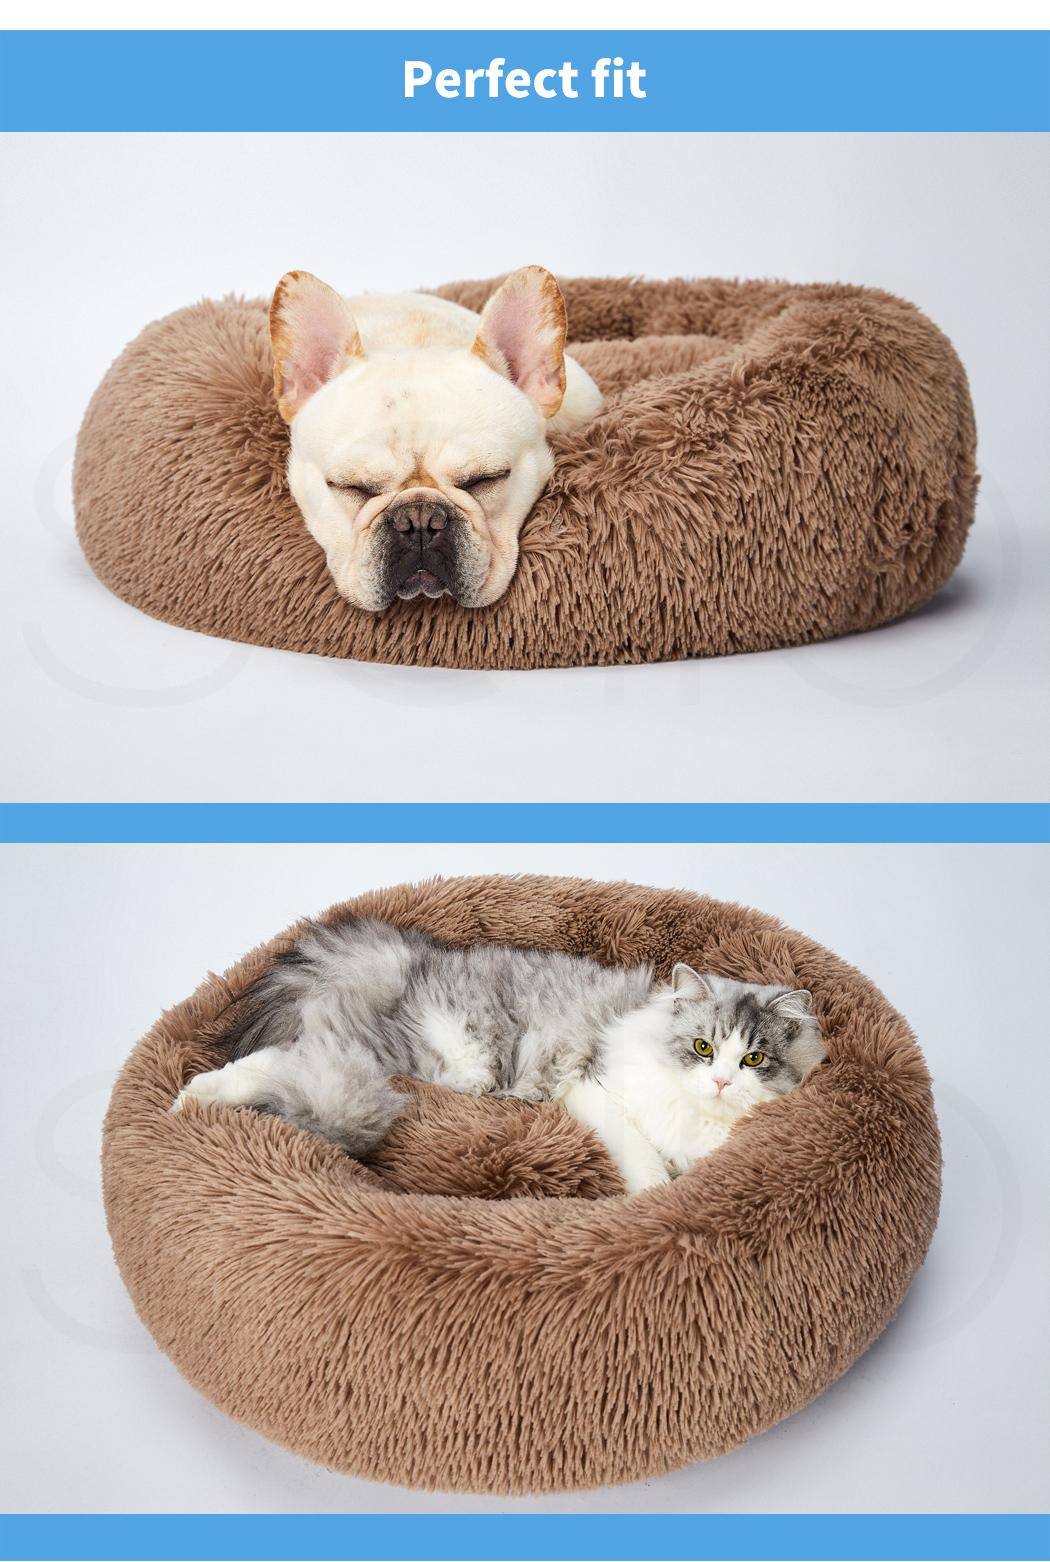 thumbnail 195 - PaWz Pet Bed Cat Dog Donut Nest Calming Mat Soft Plush Kennel Cave Deep Sleeping